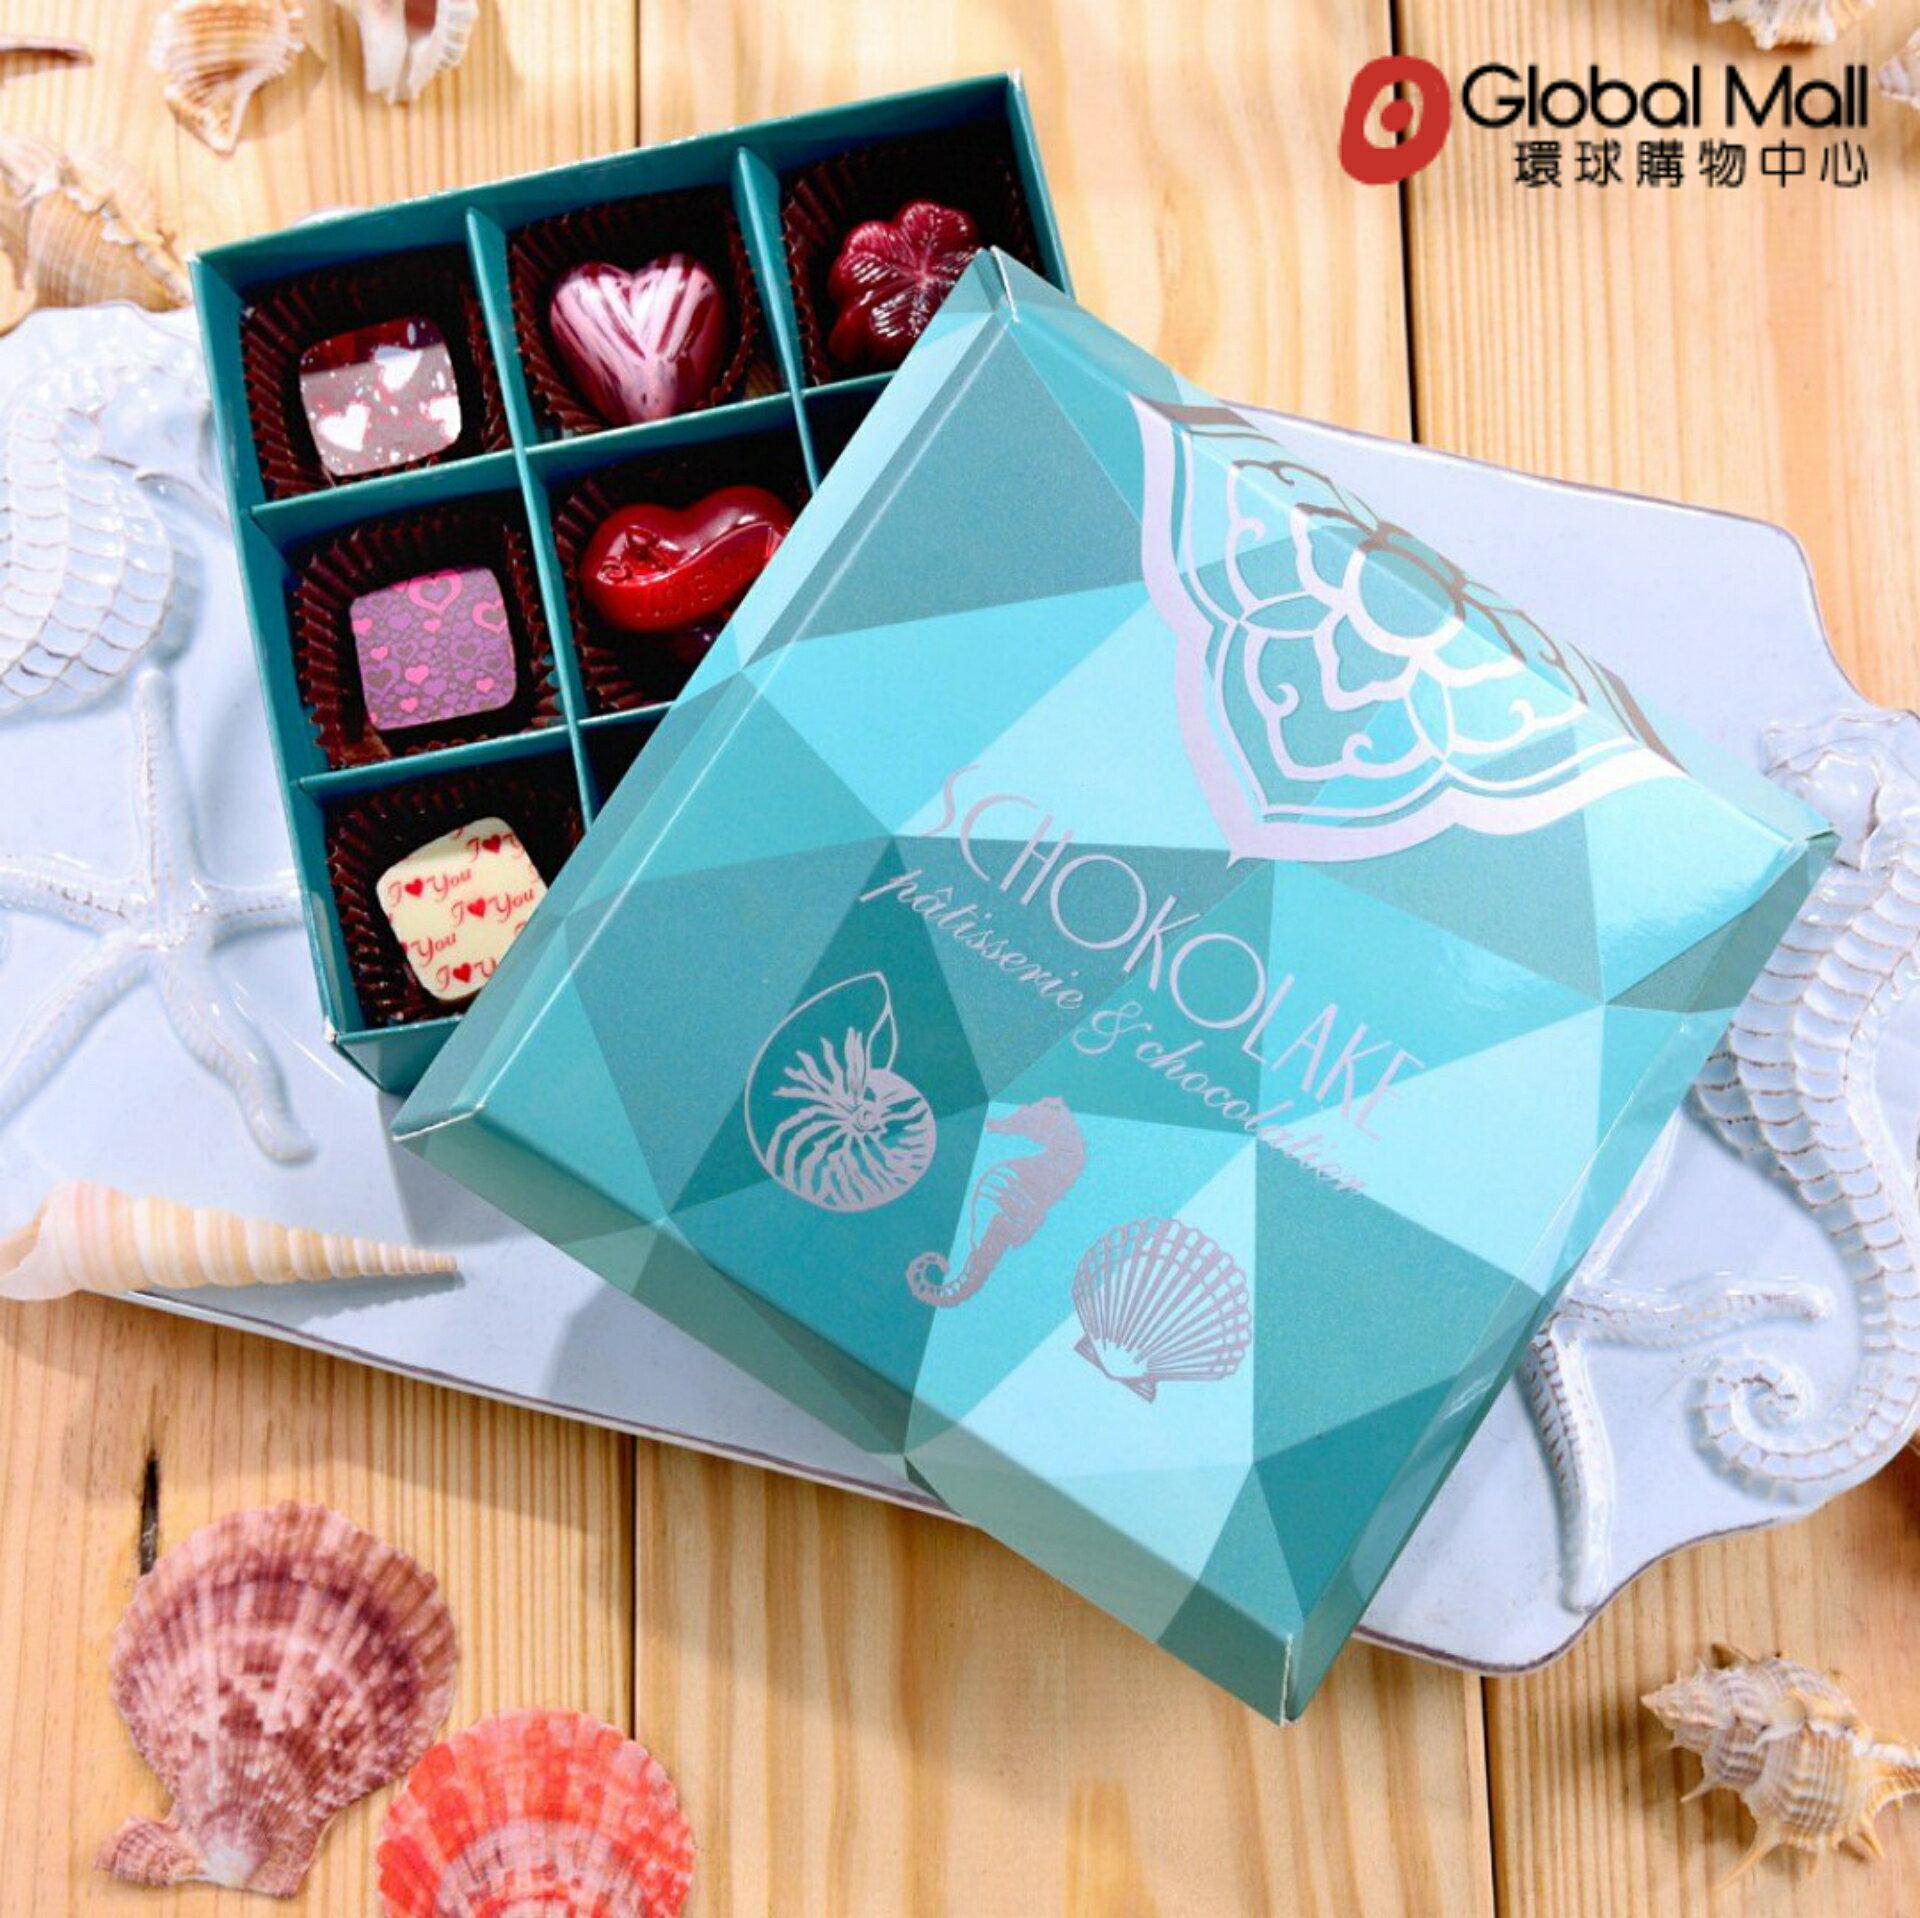 【巧克力雲莊】9入海洋微風禮盒(限量純手工巧克力,口味隨機)